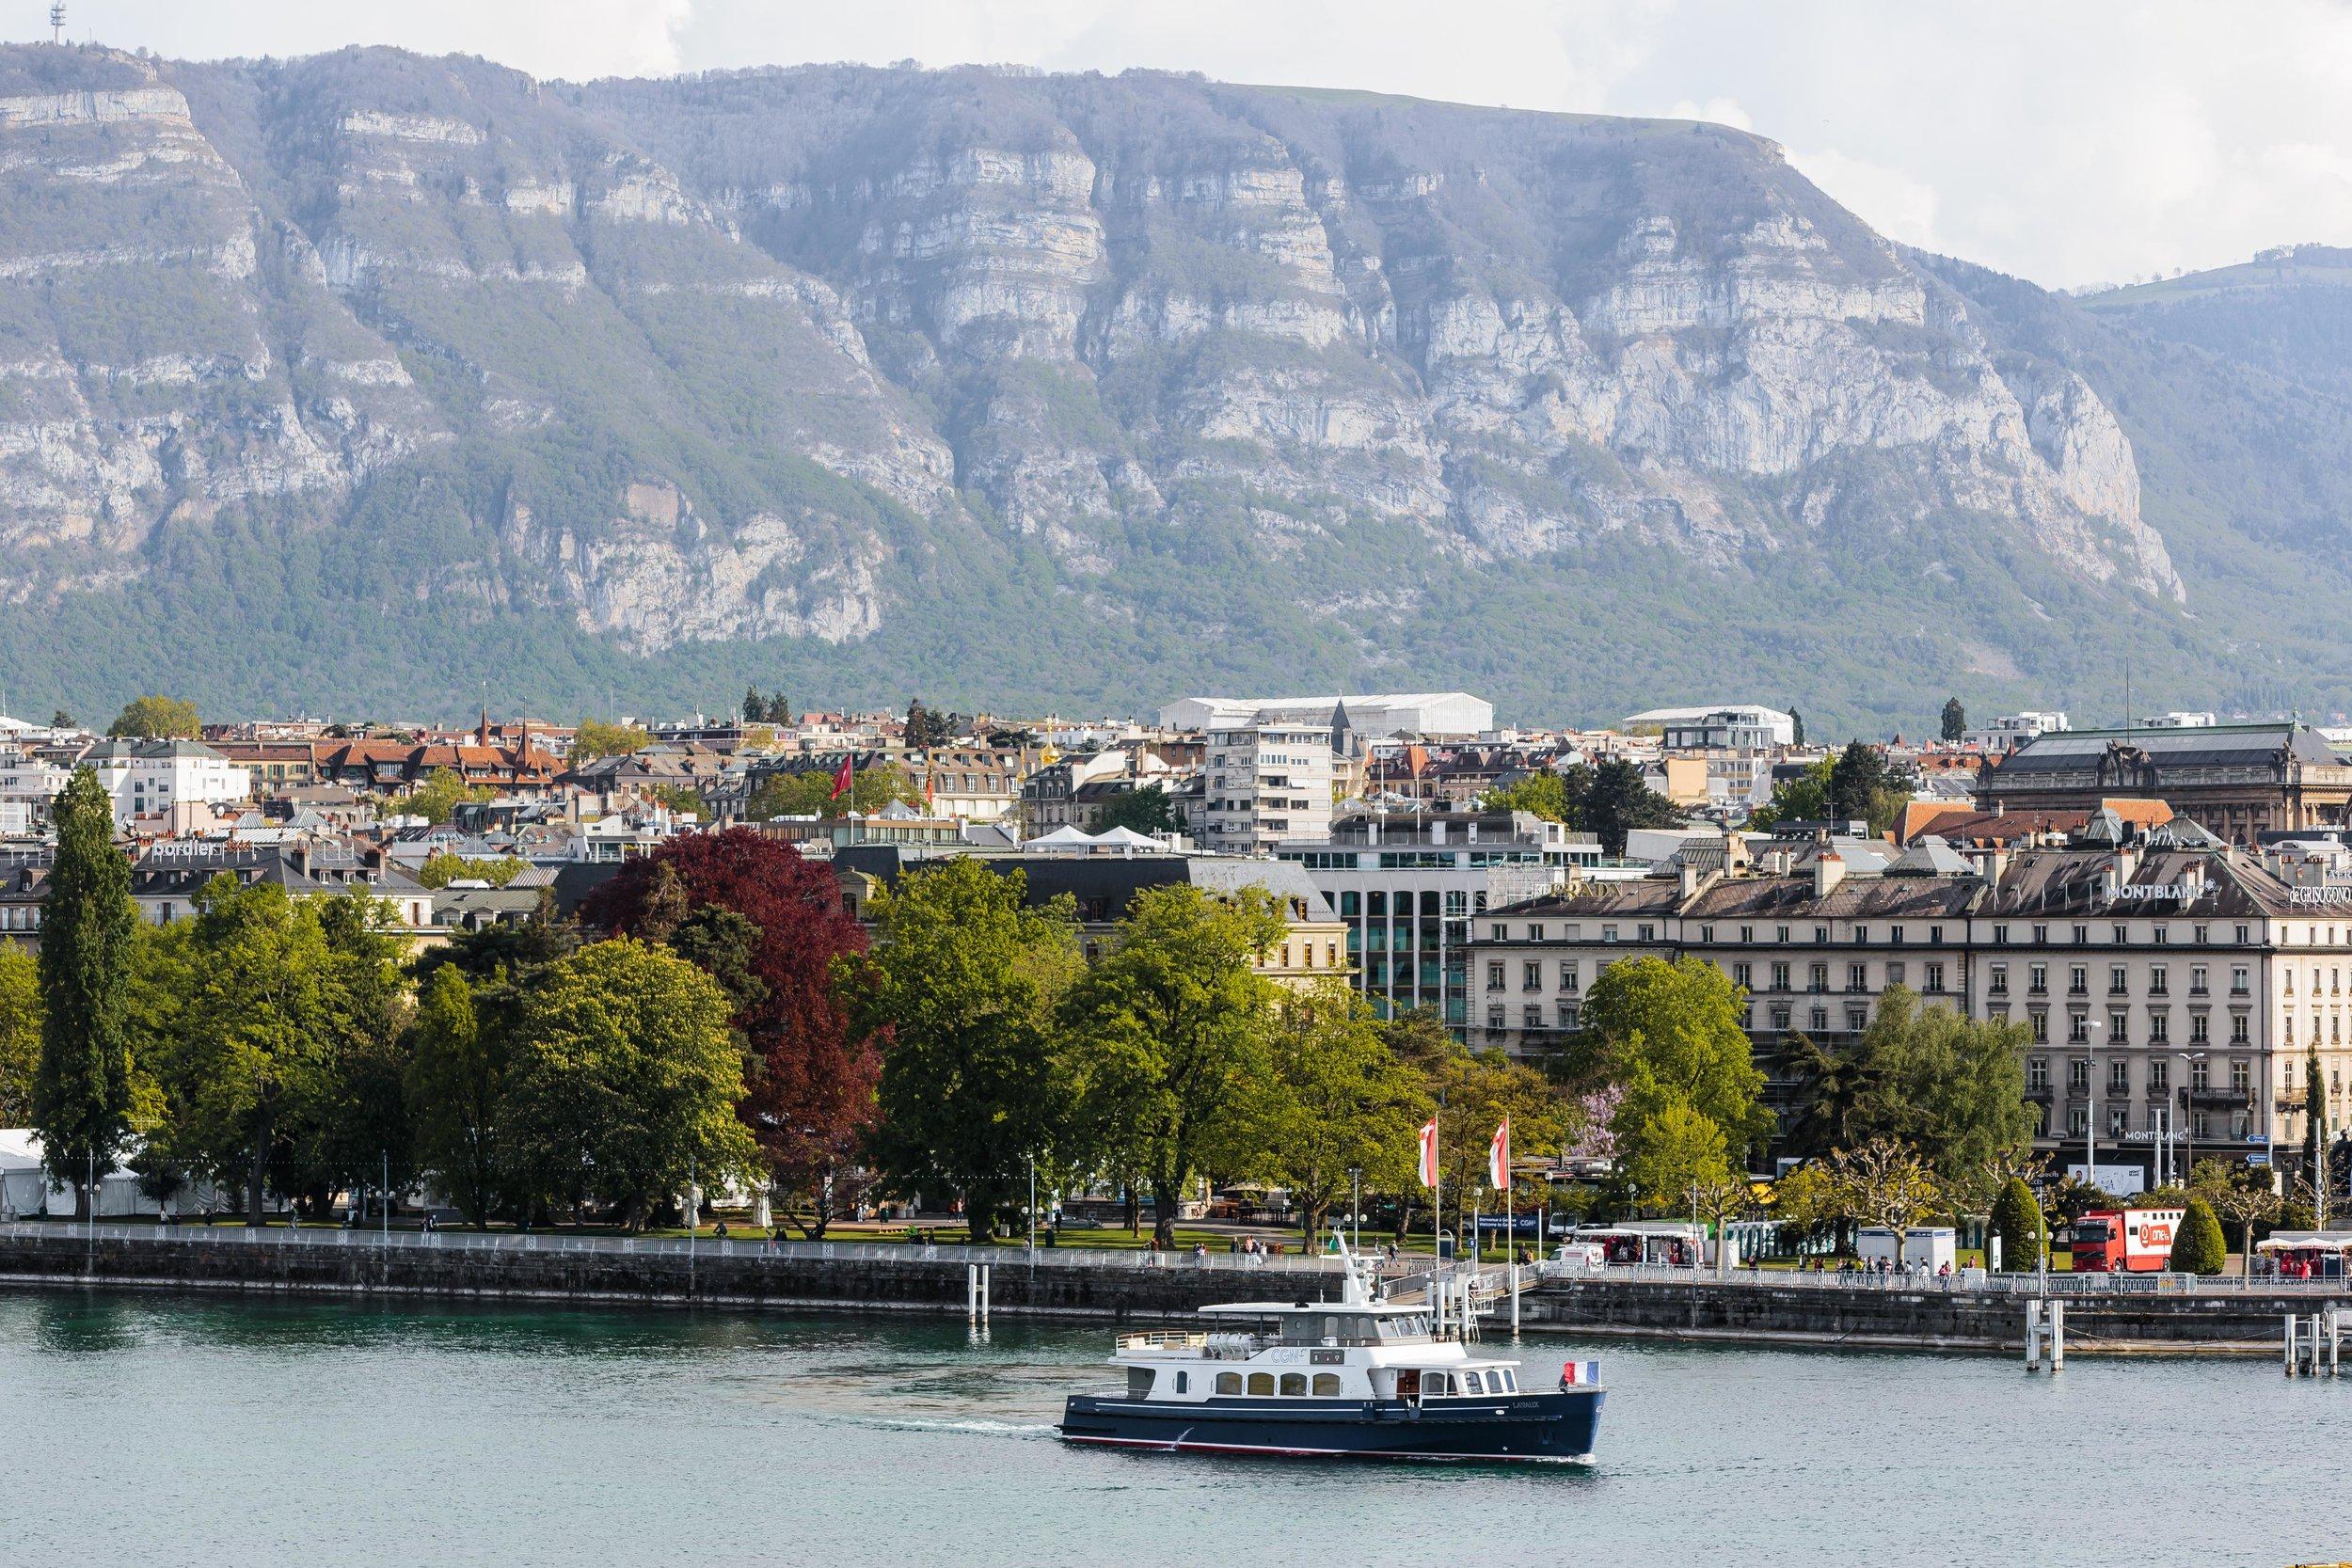 11 Things to Do in Geneva, Switzerland // #readysetjetset #geneva #switzerland #europe #travel www.readysetjetset.net